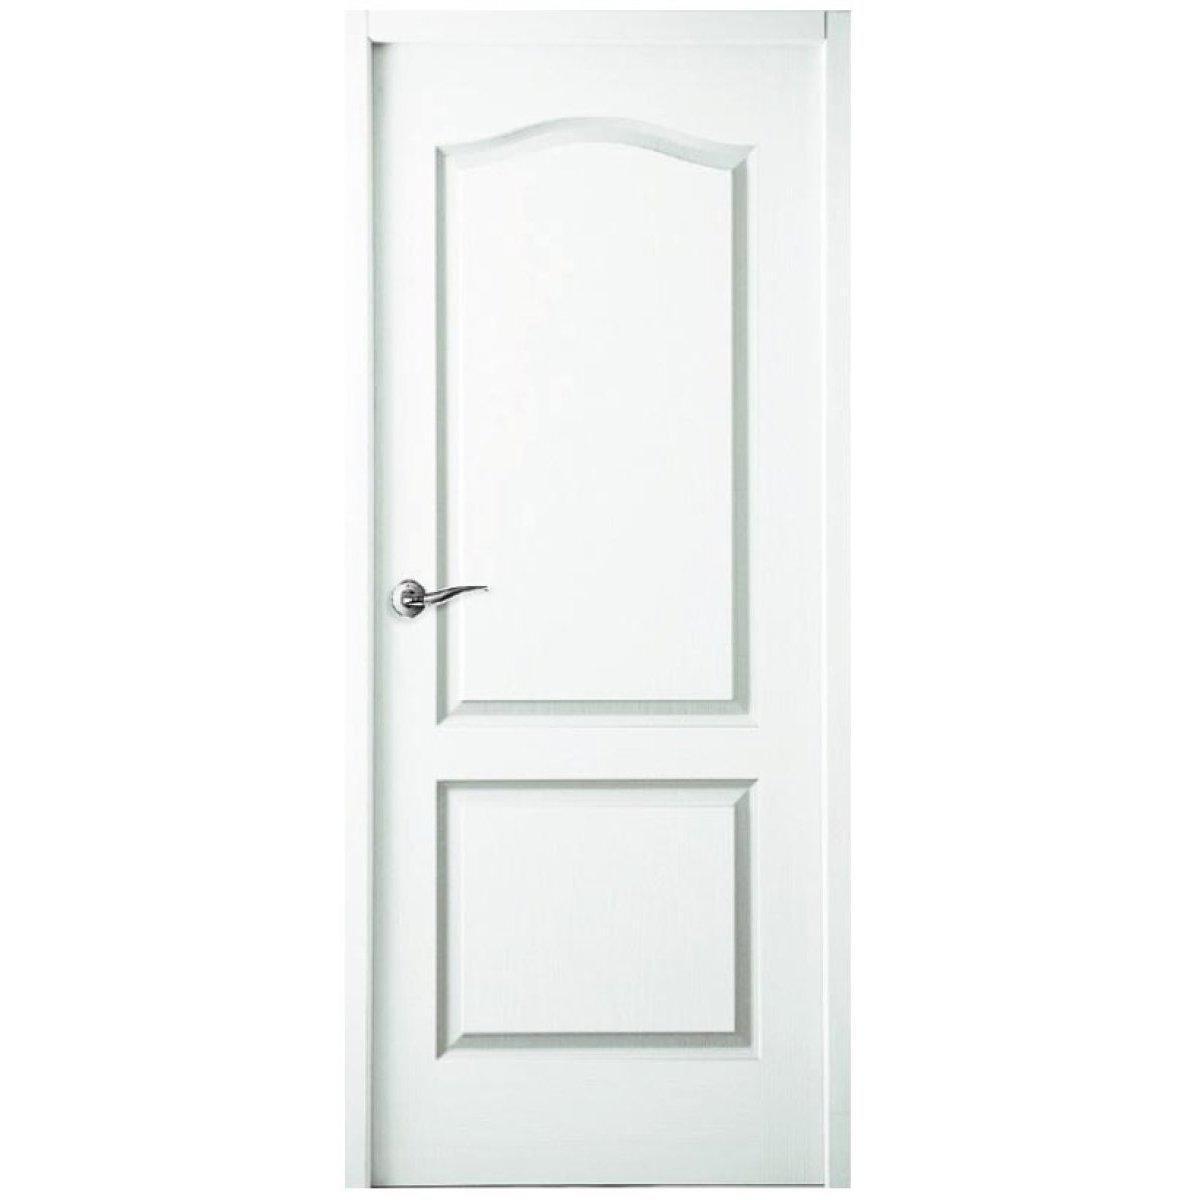 Bloc porte alv olaire res kh ops hauteur 72cm cr aconfort for Hauteur bloc porte standard